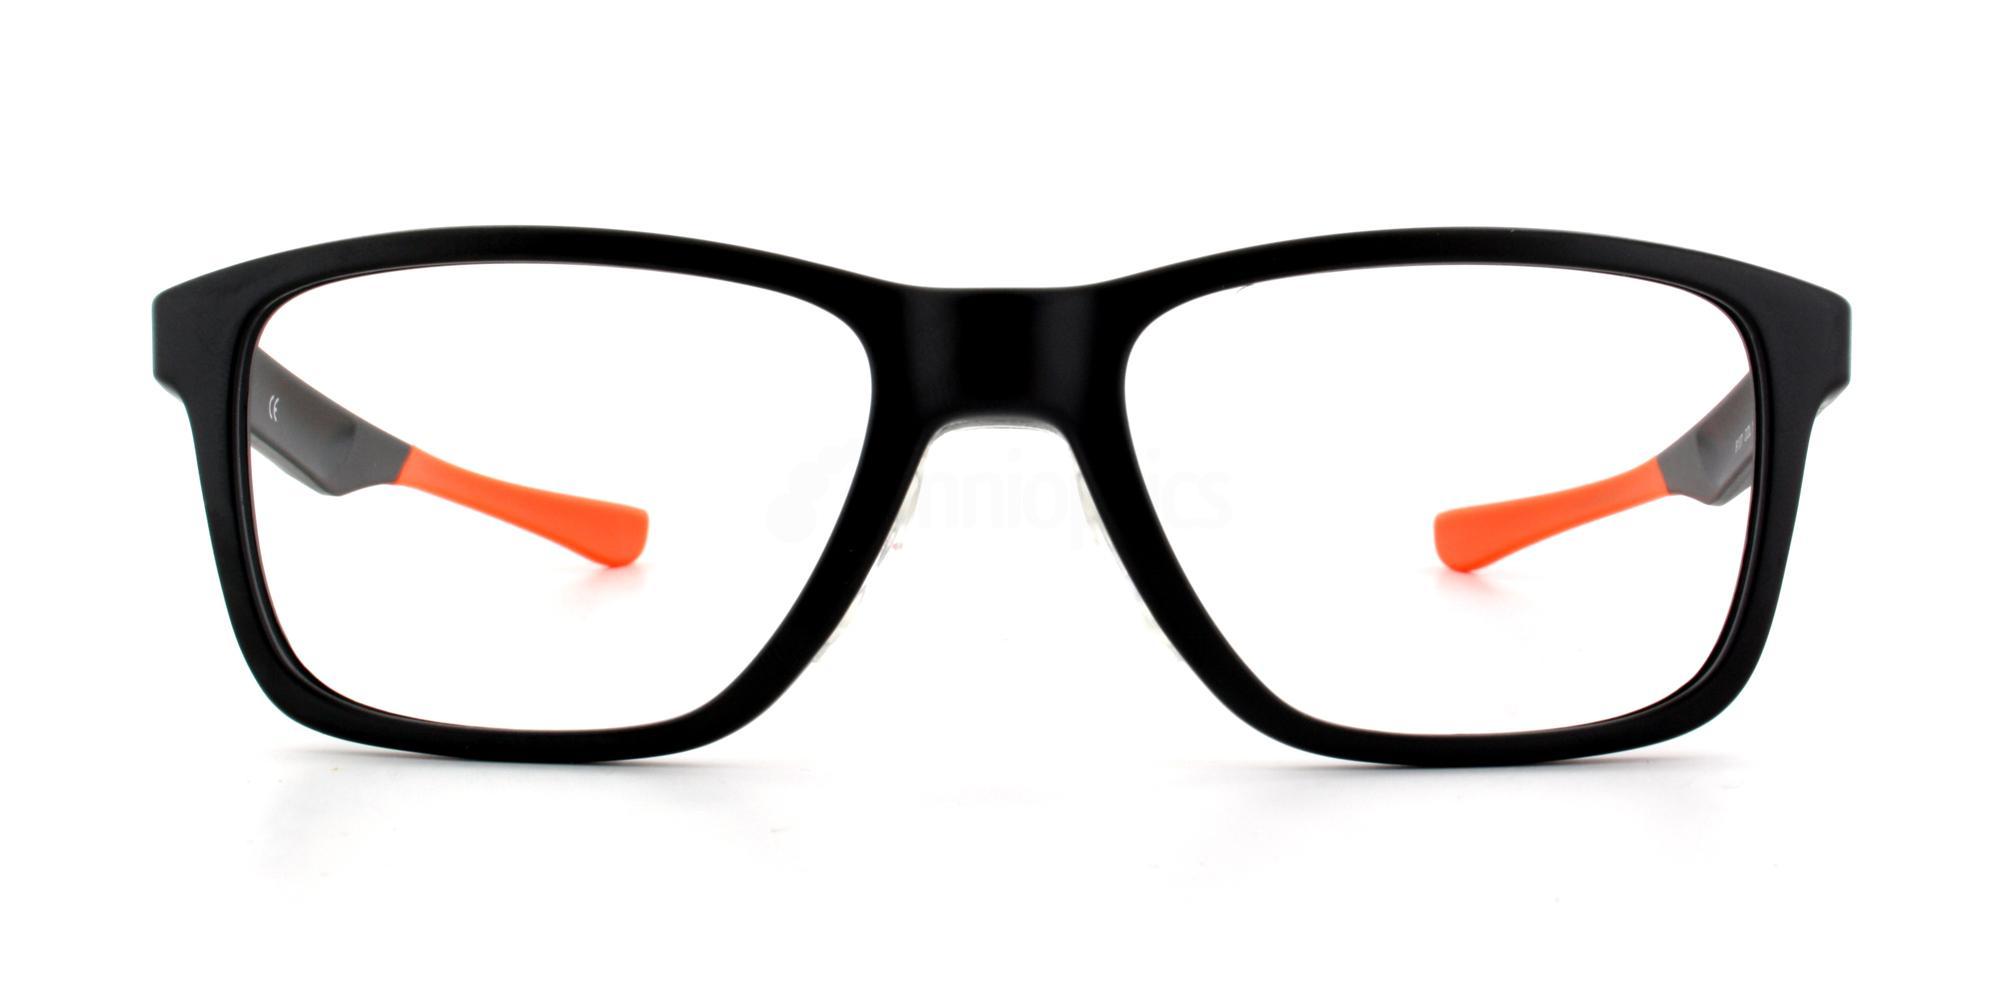 Col. 1 8107 Glasses, Aero